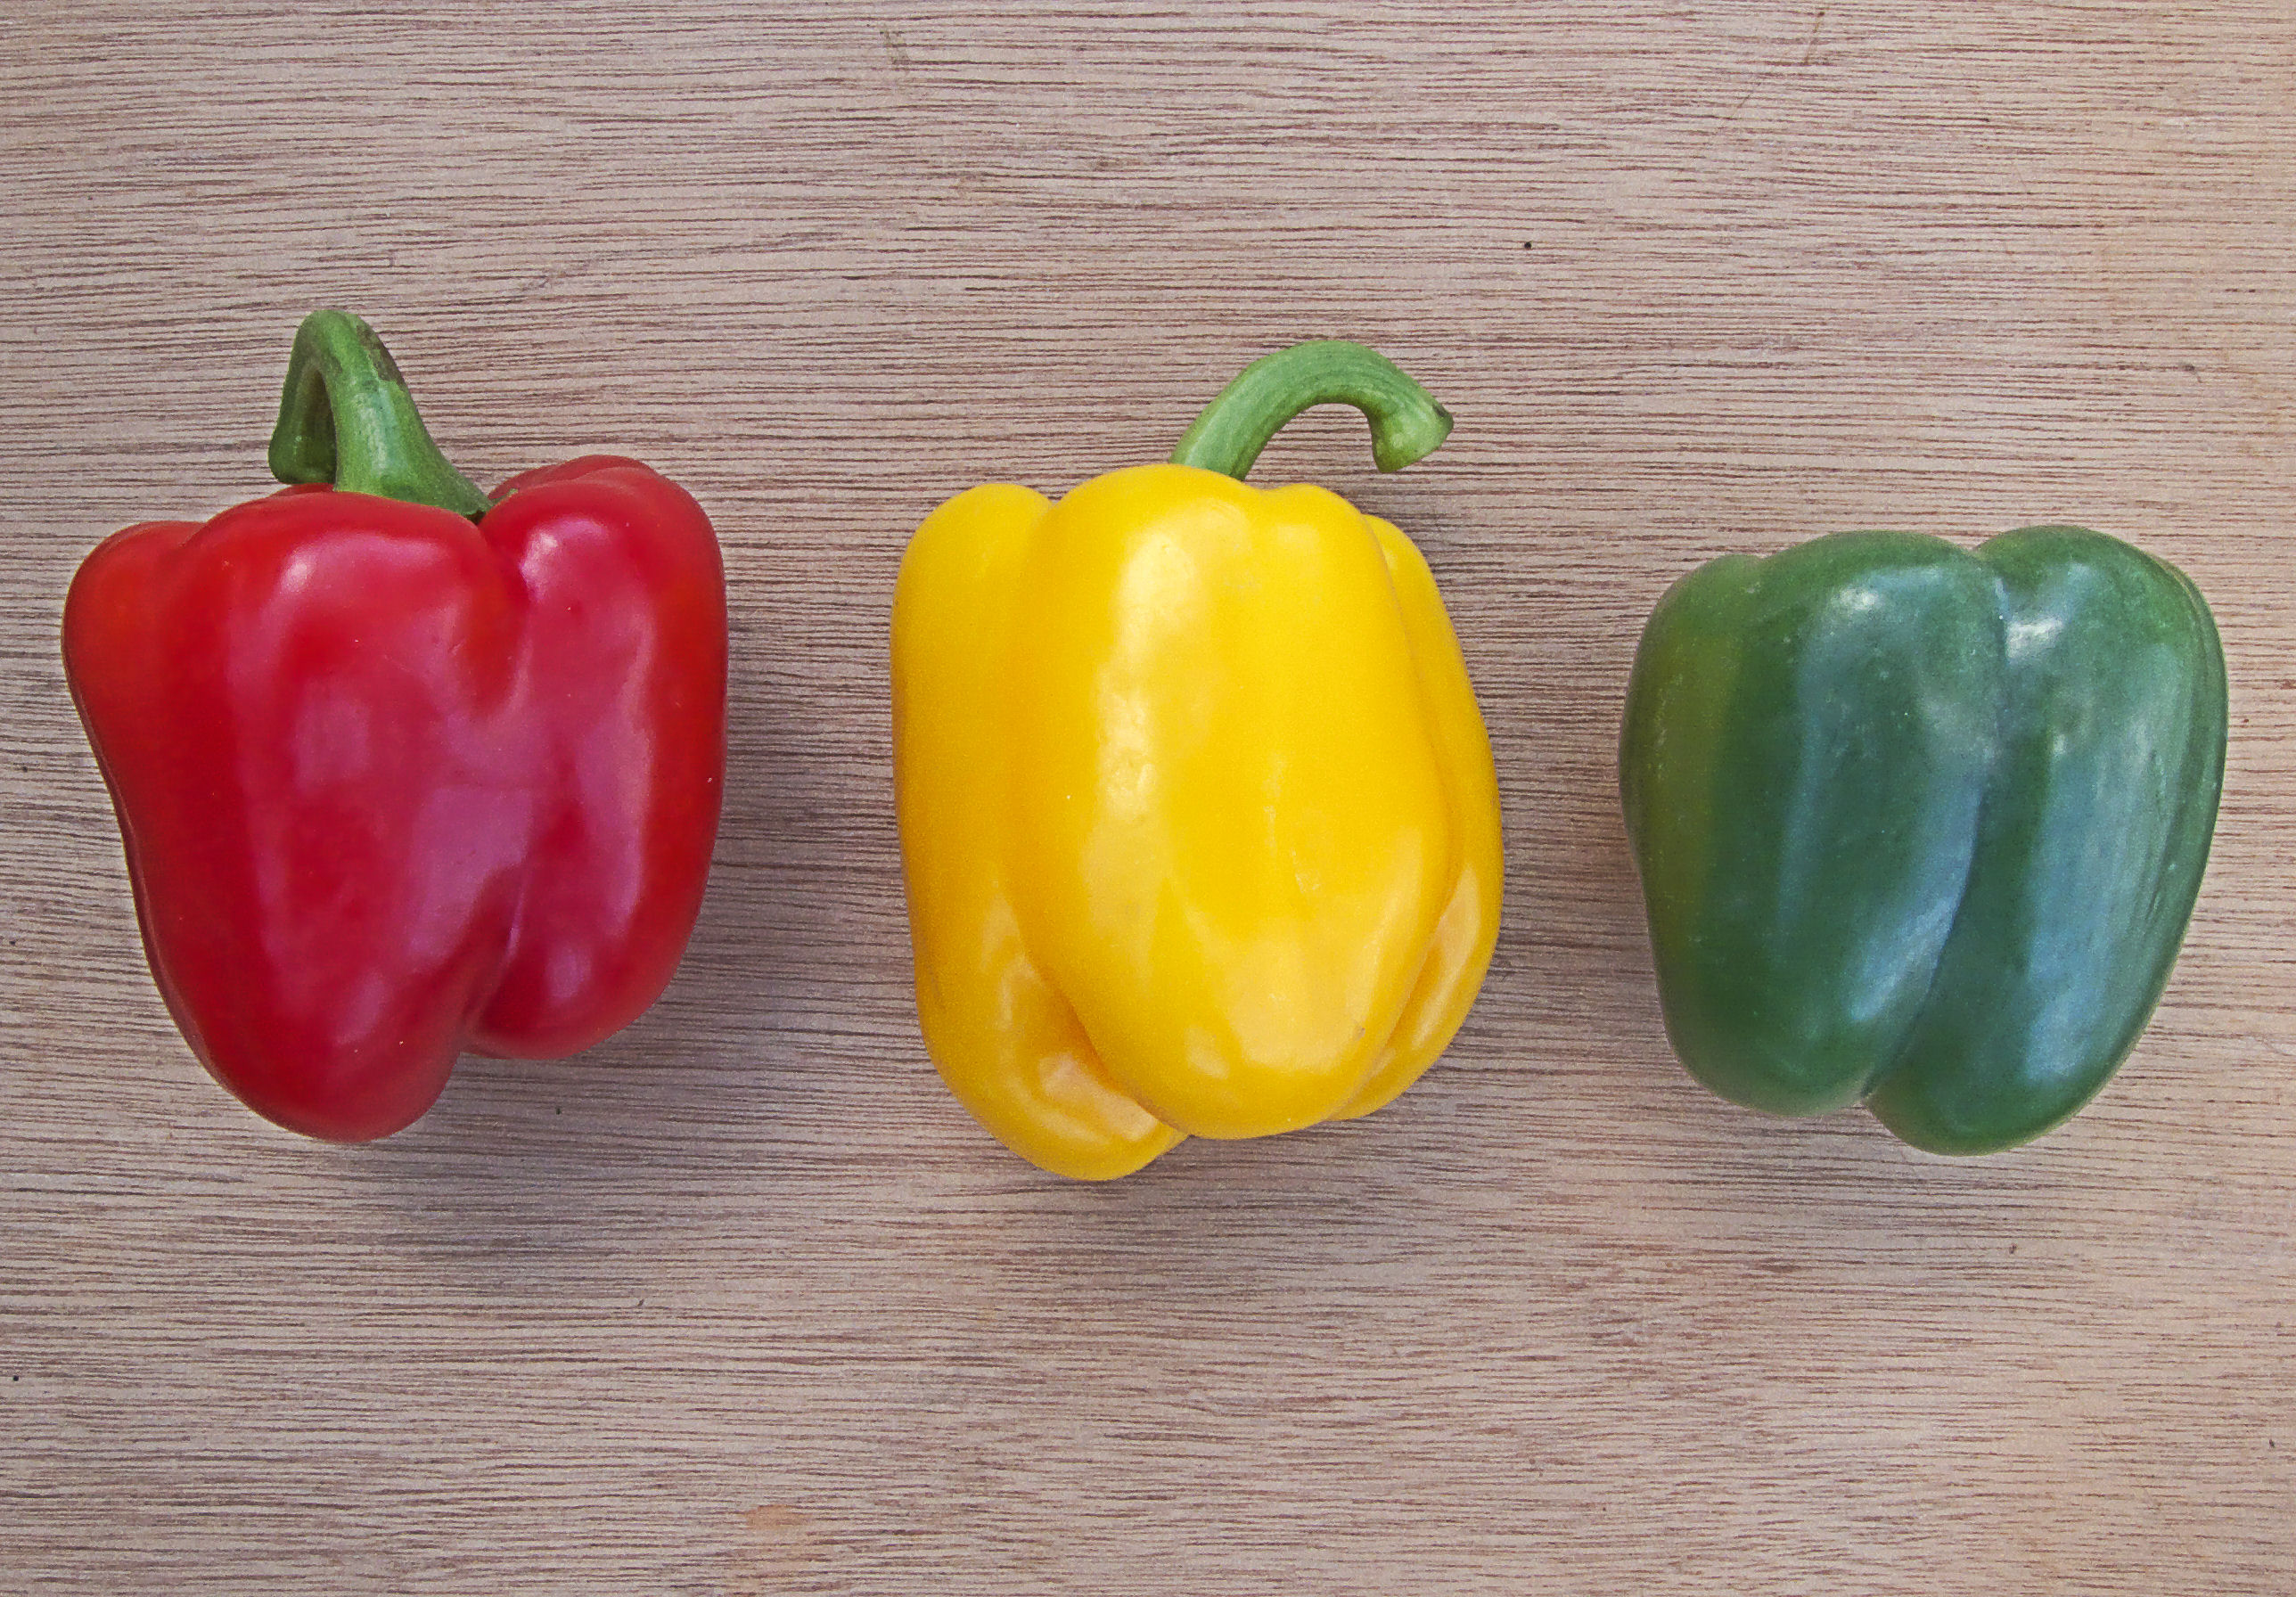 Afbeeldingsresultaat voor paprika